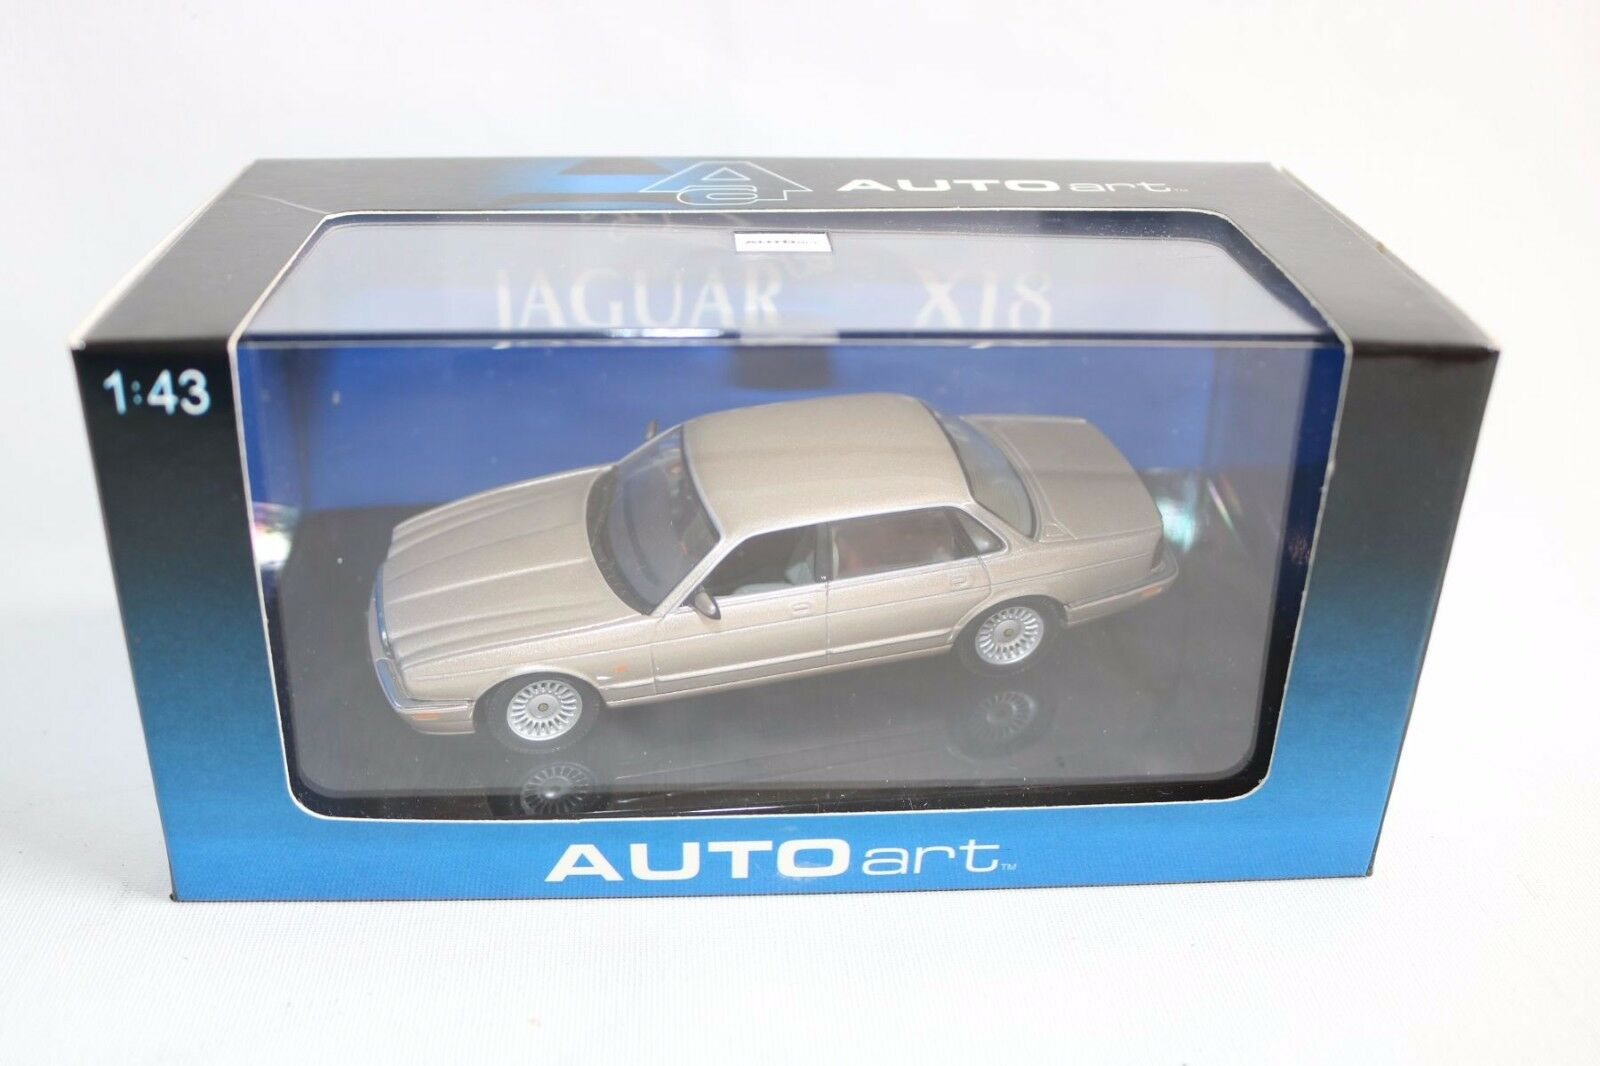 Auto art Autoart 53573 Jaguar XJ8 oro perfect mint in box 1:43 OVP Scarce